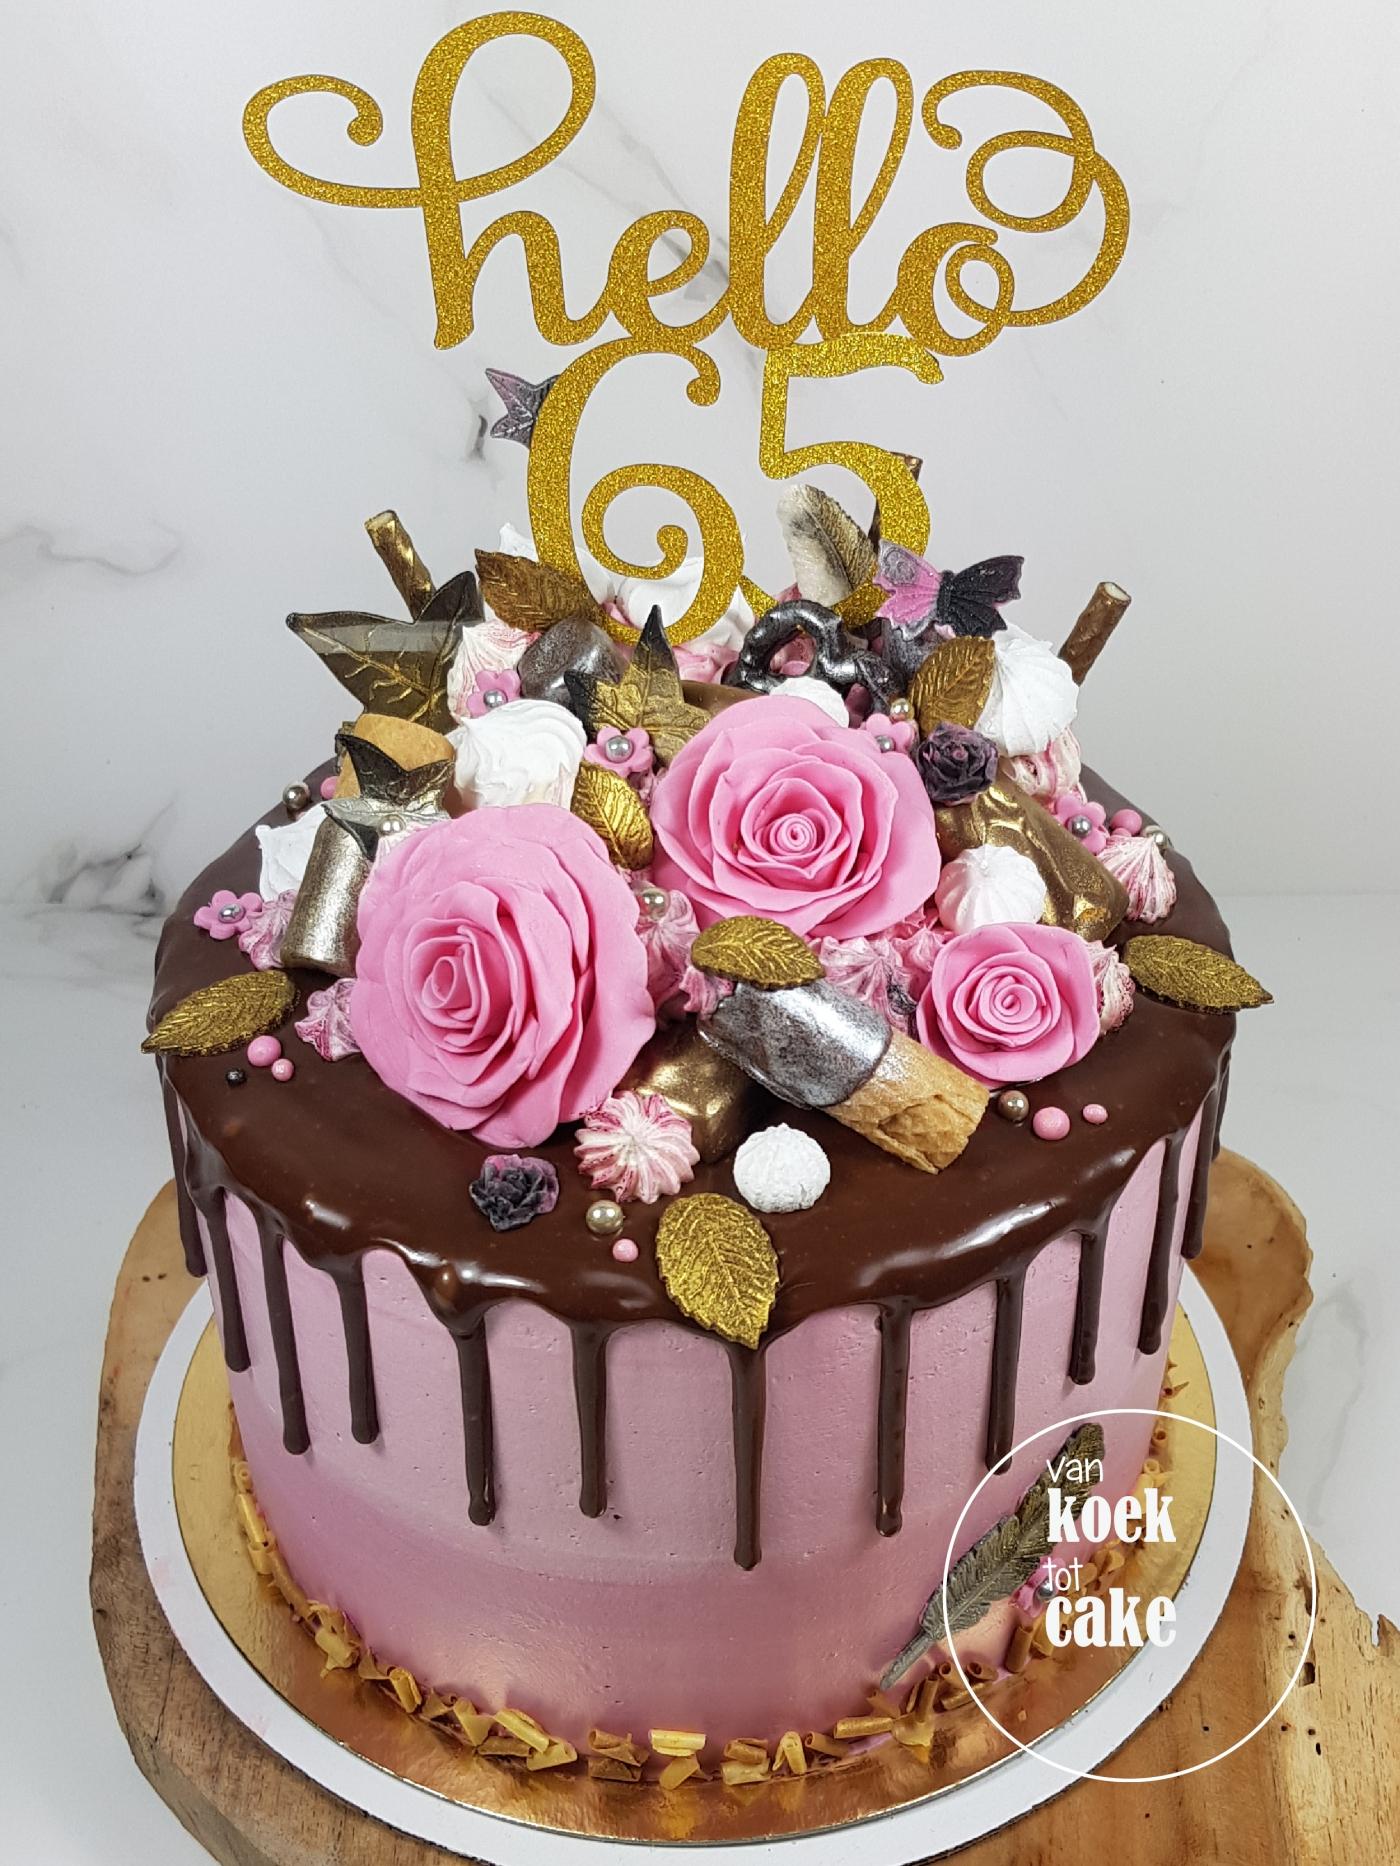 Verwonderlijk TAART | Drip cake Hello 65! – van koek tot cake TM-88